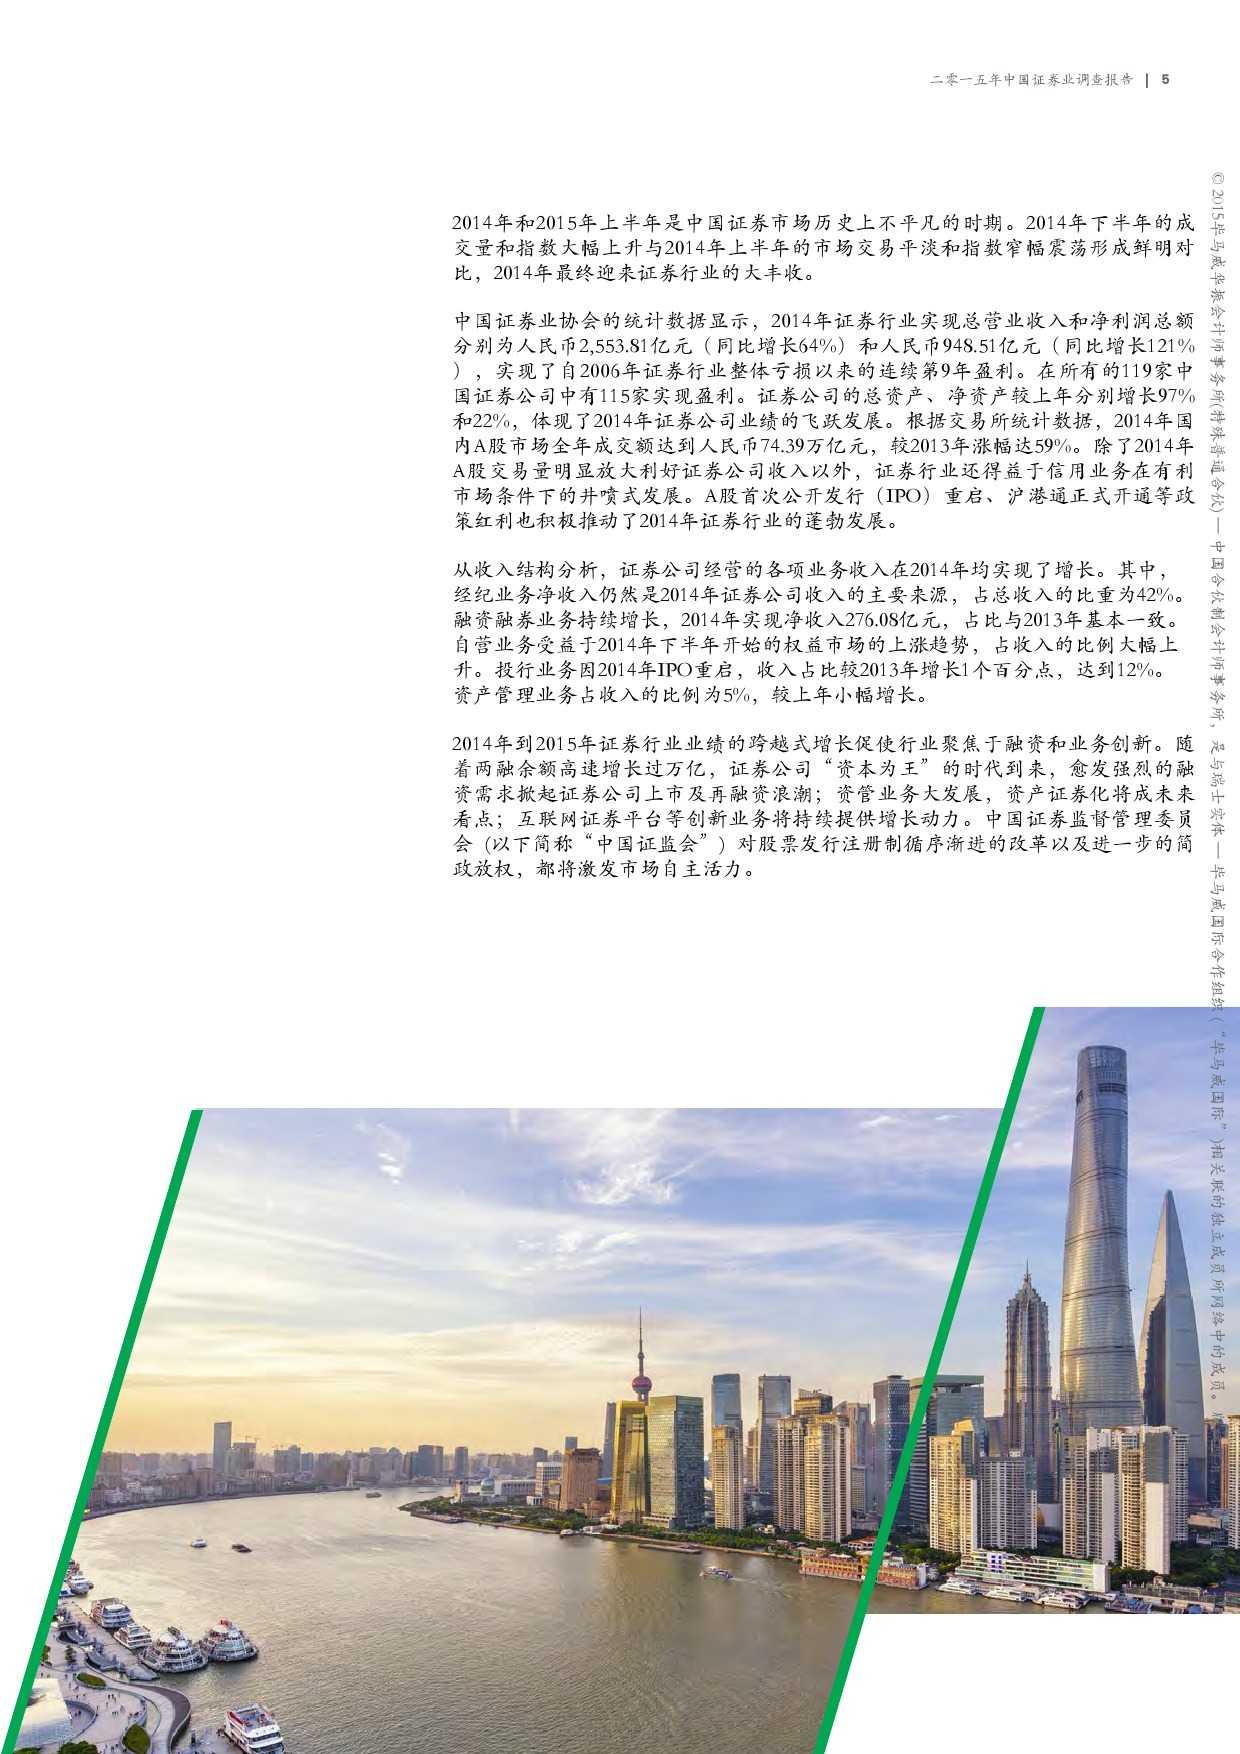 毕马威:2015年中国证券业调查报告_000007